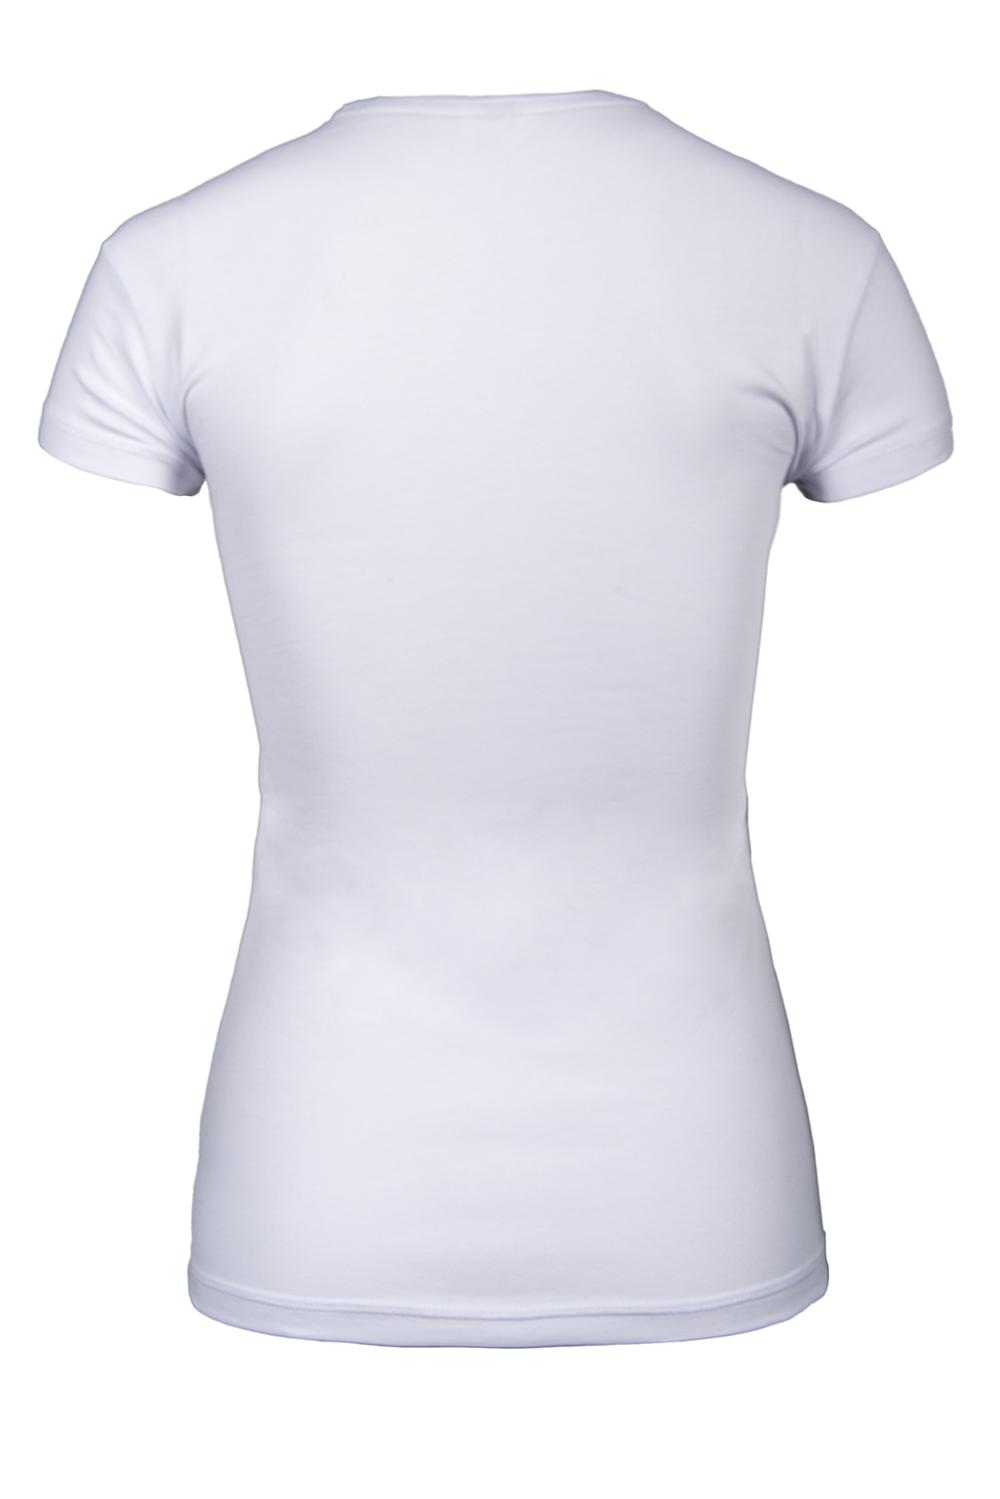 Женская летняя одежда купить в екатеринбурге